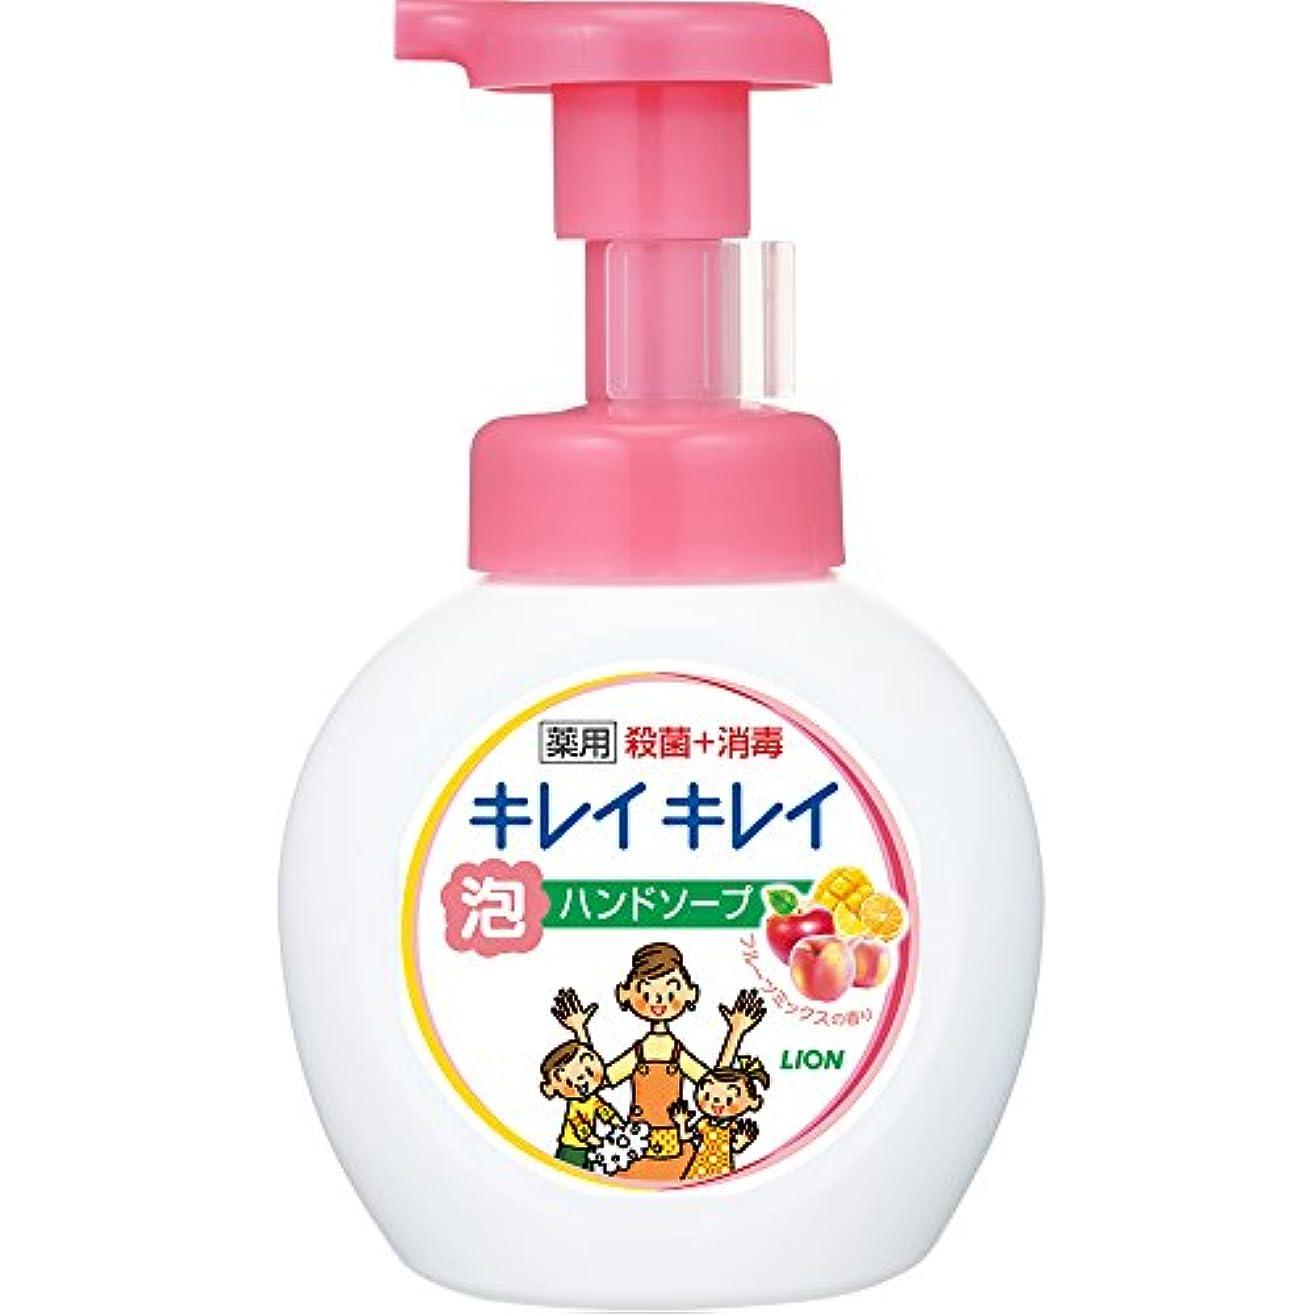 平均安いです津波キレイキレイ 薬用 泡ハンドソープ フルーツミックスの香り ポンプ 250ml(医薬部外品)